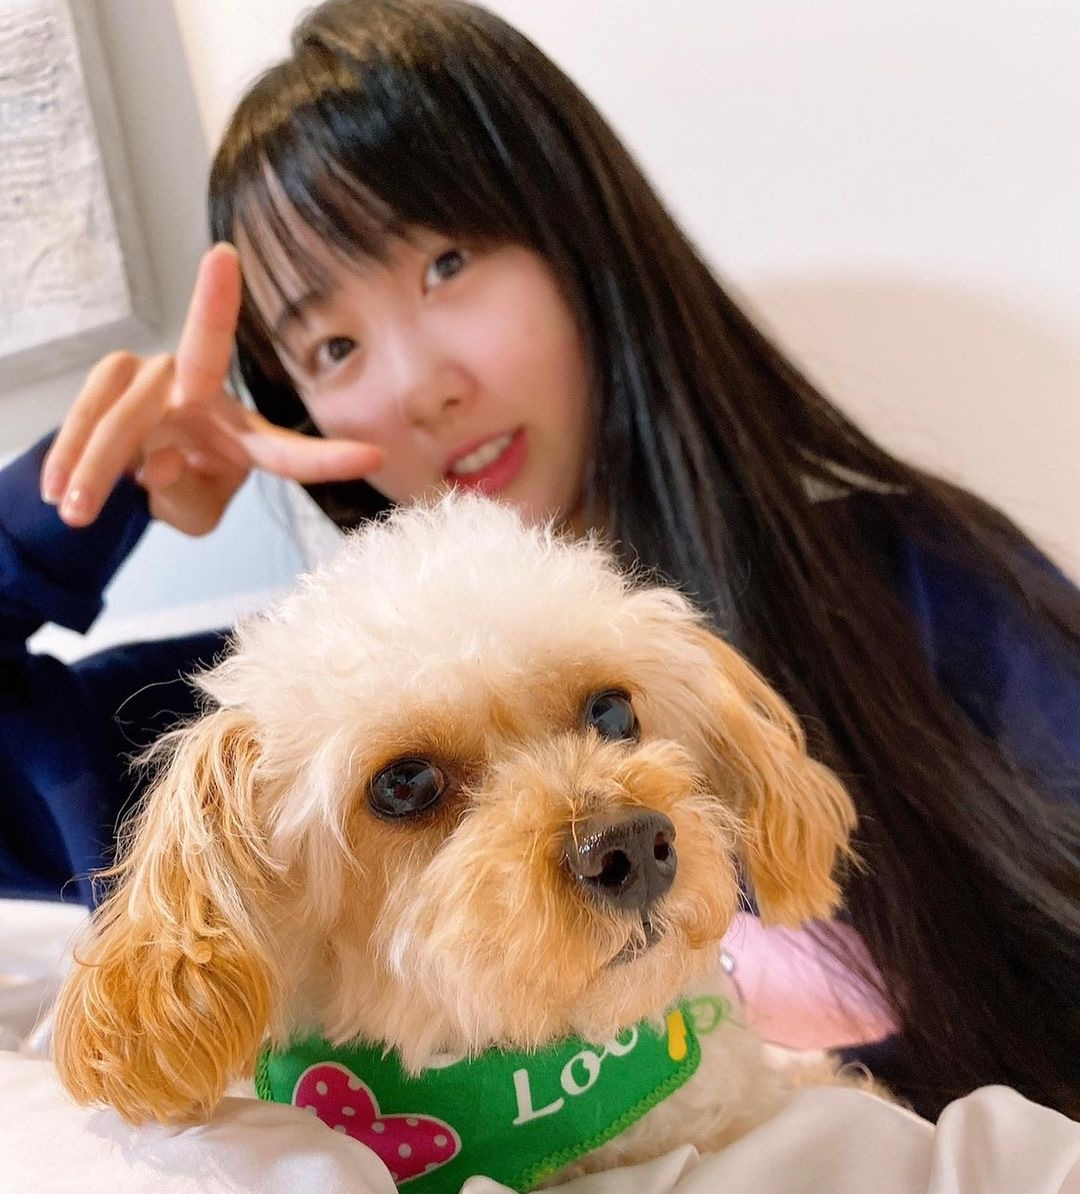 本田望結は愛犬が6匹! 家族で散歩に行くことも…最近おもしろかったことは?